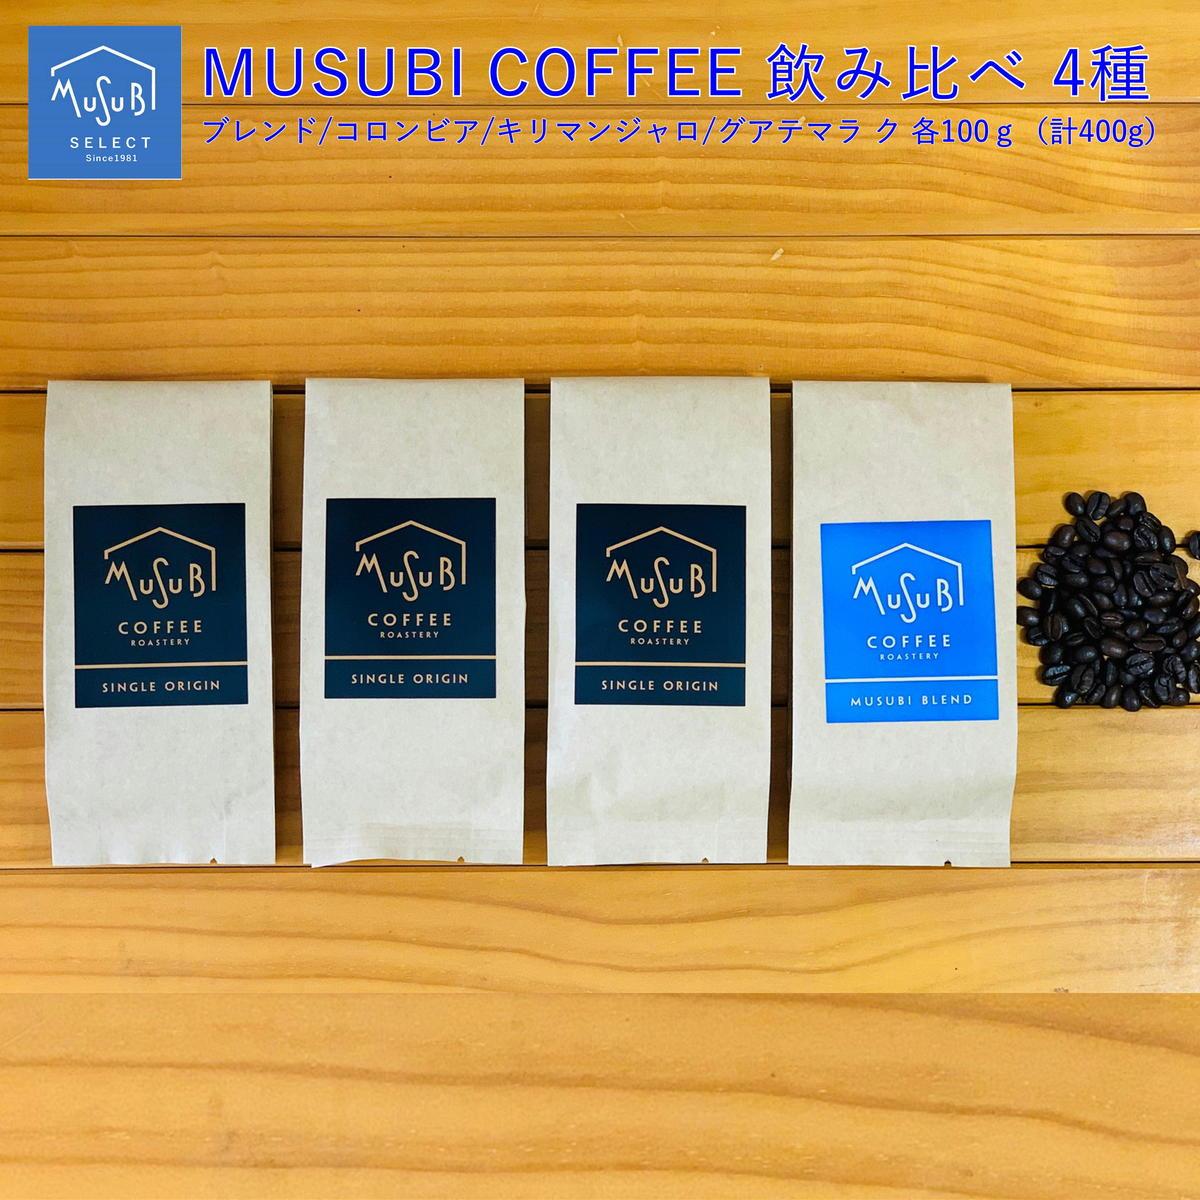 MUSUBI COFFEEで売れ筋の豆のセットでお得なセットになっております ぜひ飲み比べてお好みのコーヒーを見つけてください アイスコーヒー 水出しコーヒーにもよく合います 自家焙煎 ムスビコーヒー 直火式焙煎機飲み比べ 4種中煎り ブレンド コロンビア キリマンジャロ 400g お試し 送料無料 1着でも送料無料 希少 グアテマラ コーヒー豆 ランキング1位 ギフト 水出しコーヒー 各100g×4 計 プレゼントギフト